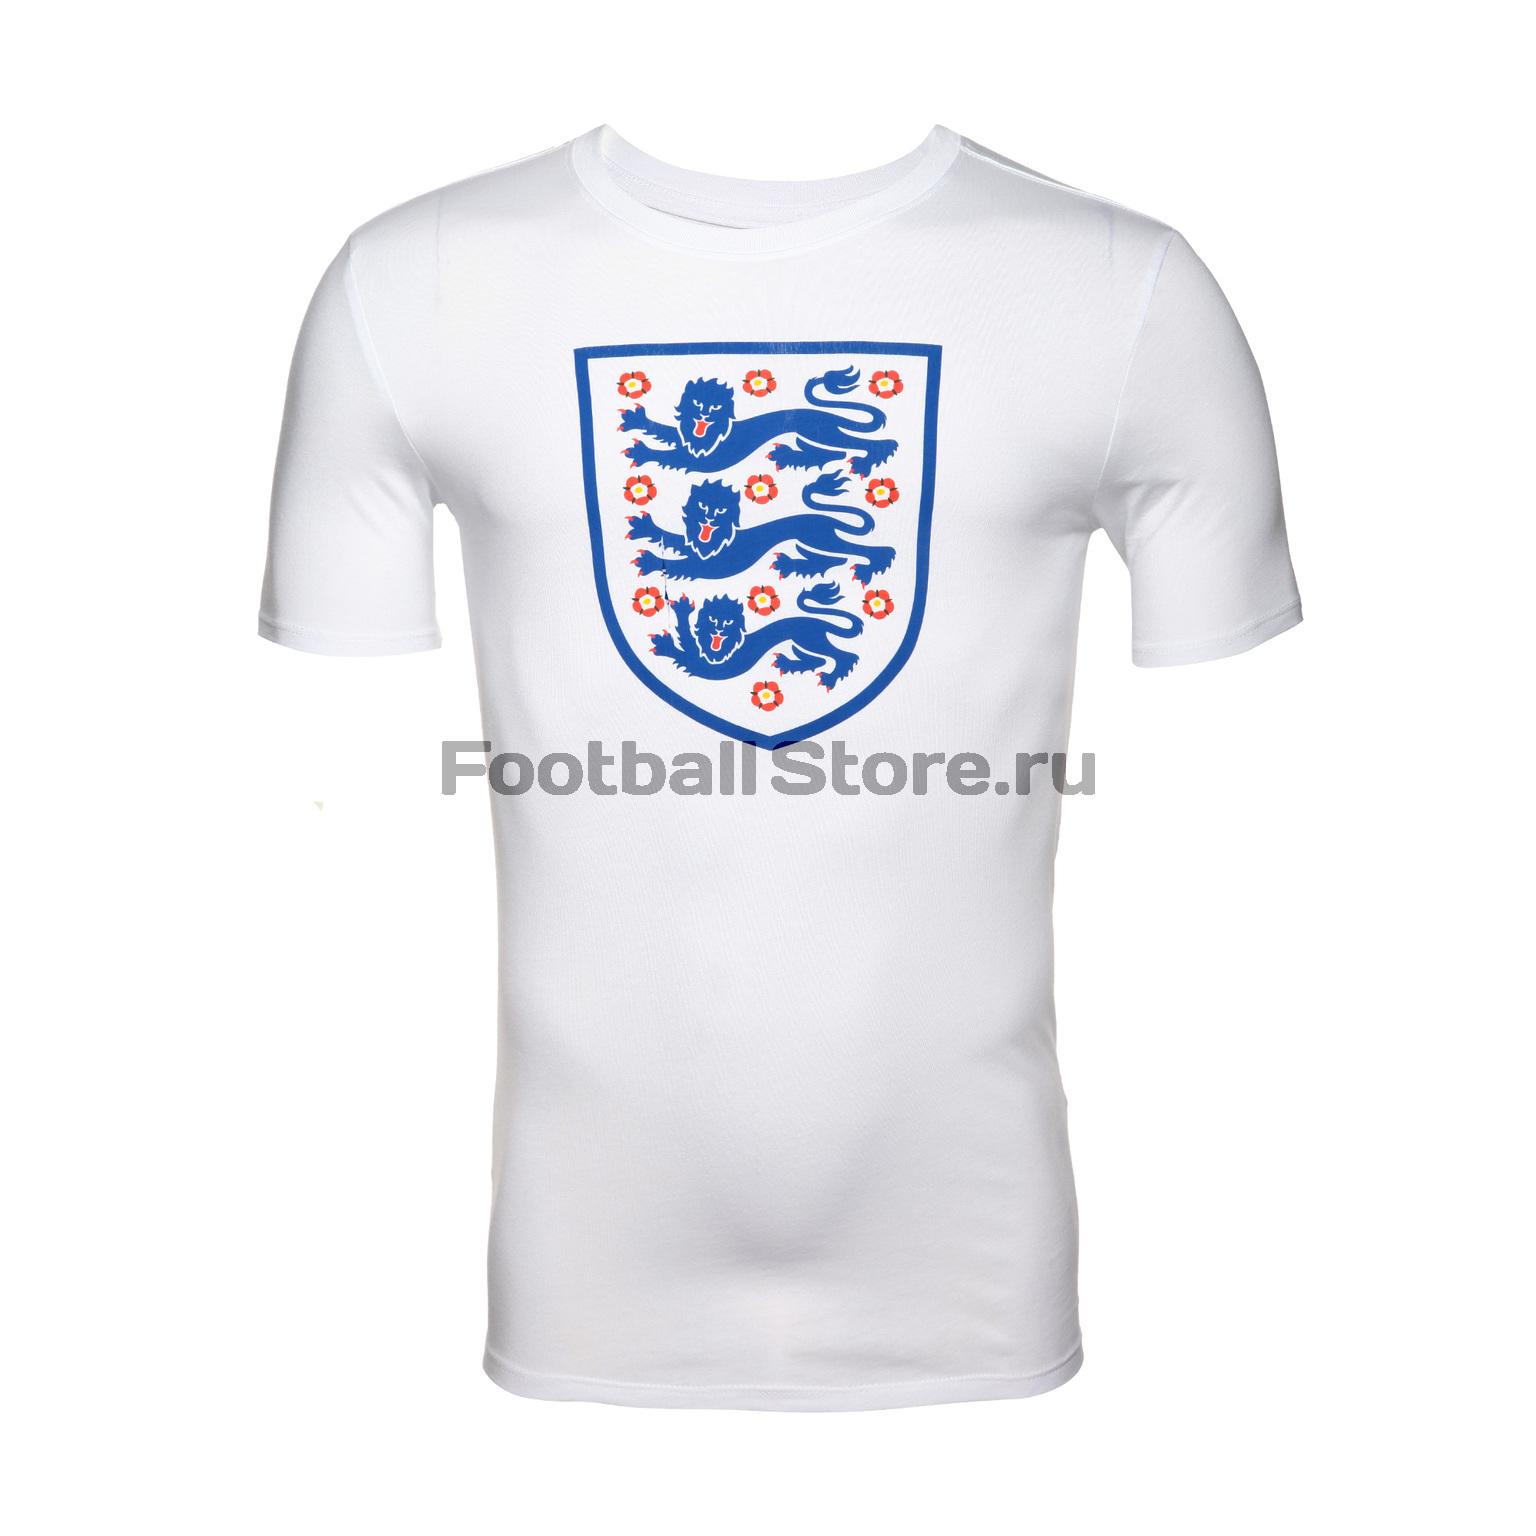 Футболка Nike сборной Англии 908371-100 playmobil футбол игрок сборной англии